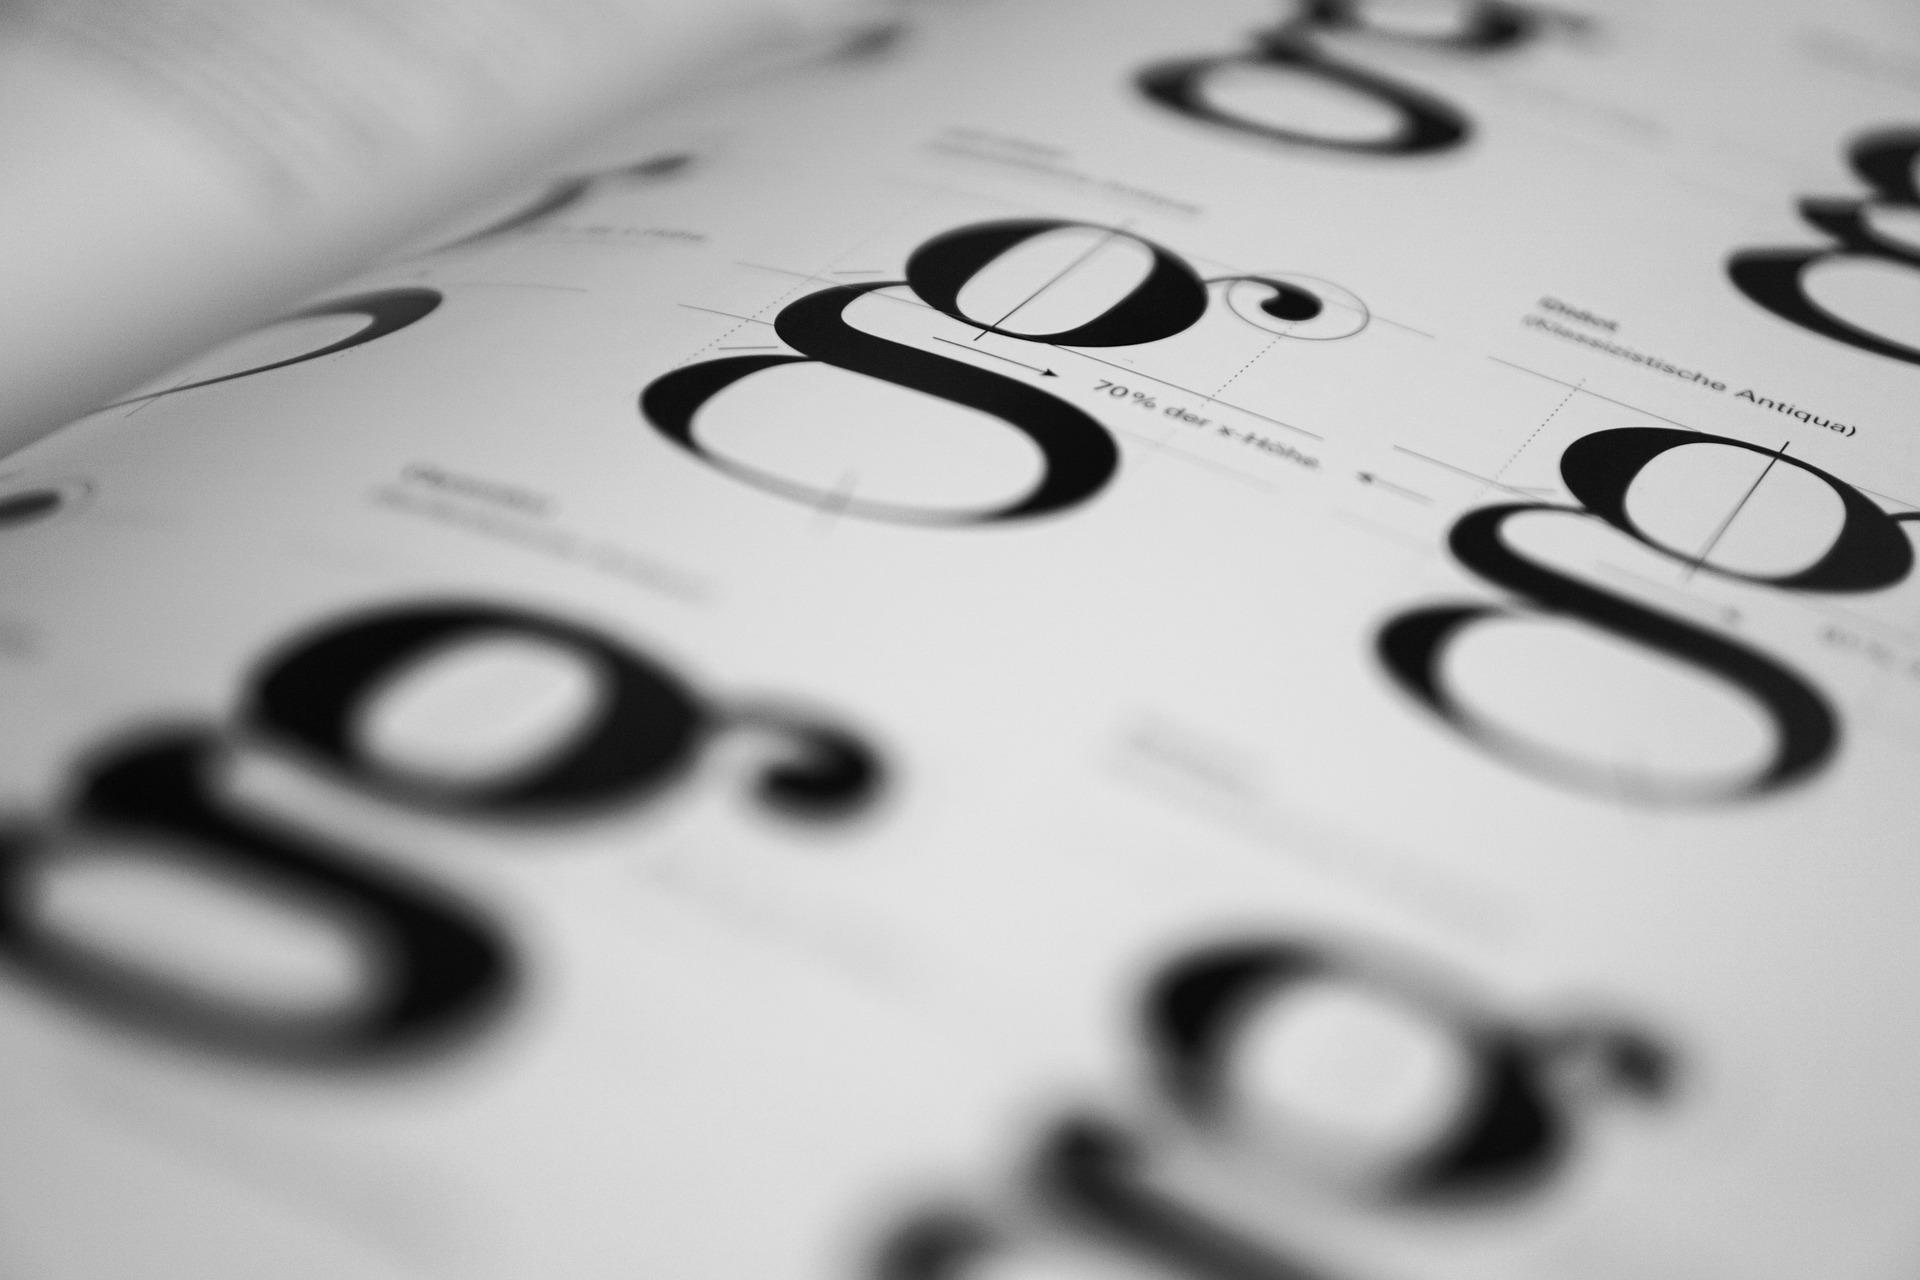 Schriftarten und Schriftgröße im Lebenslauf - Tabellarischer Lebenslauf